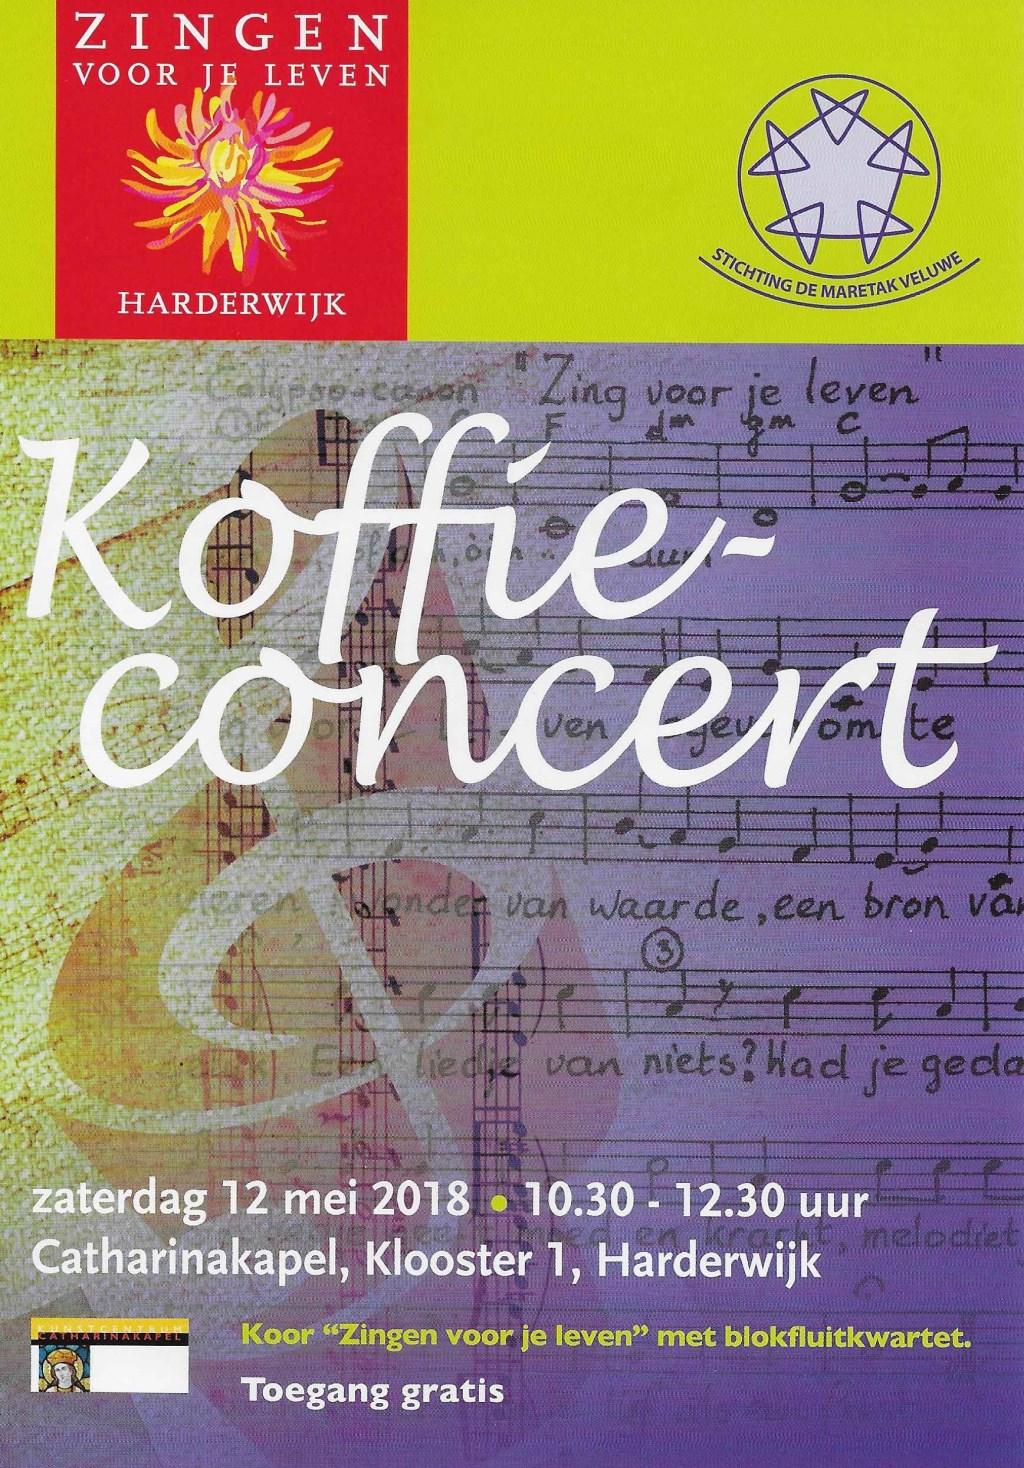 de flyer voor het koffieconcert.